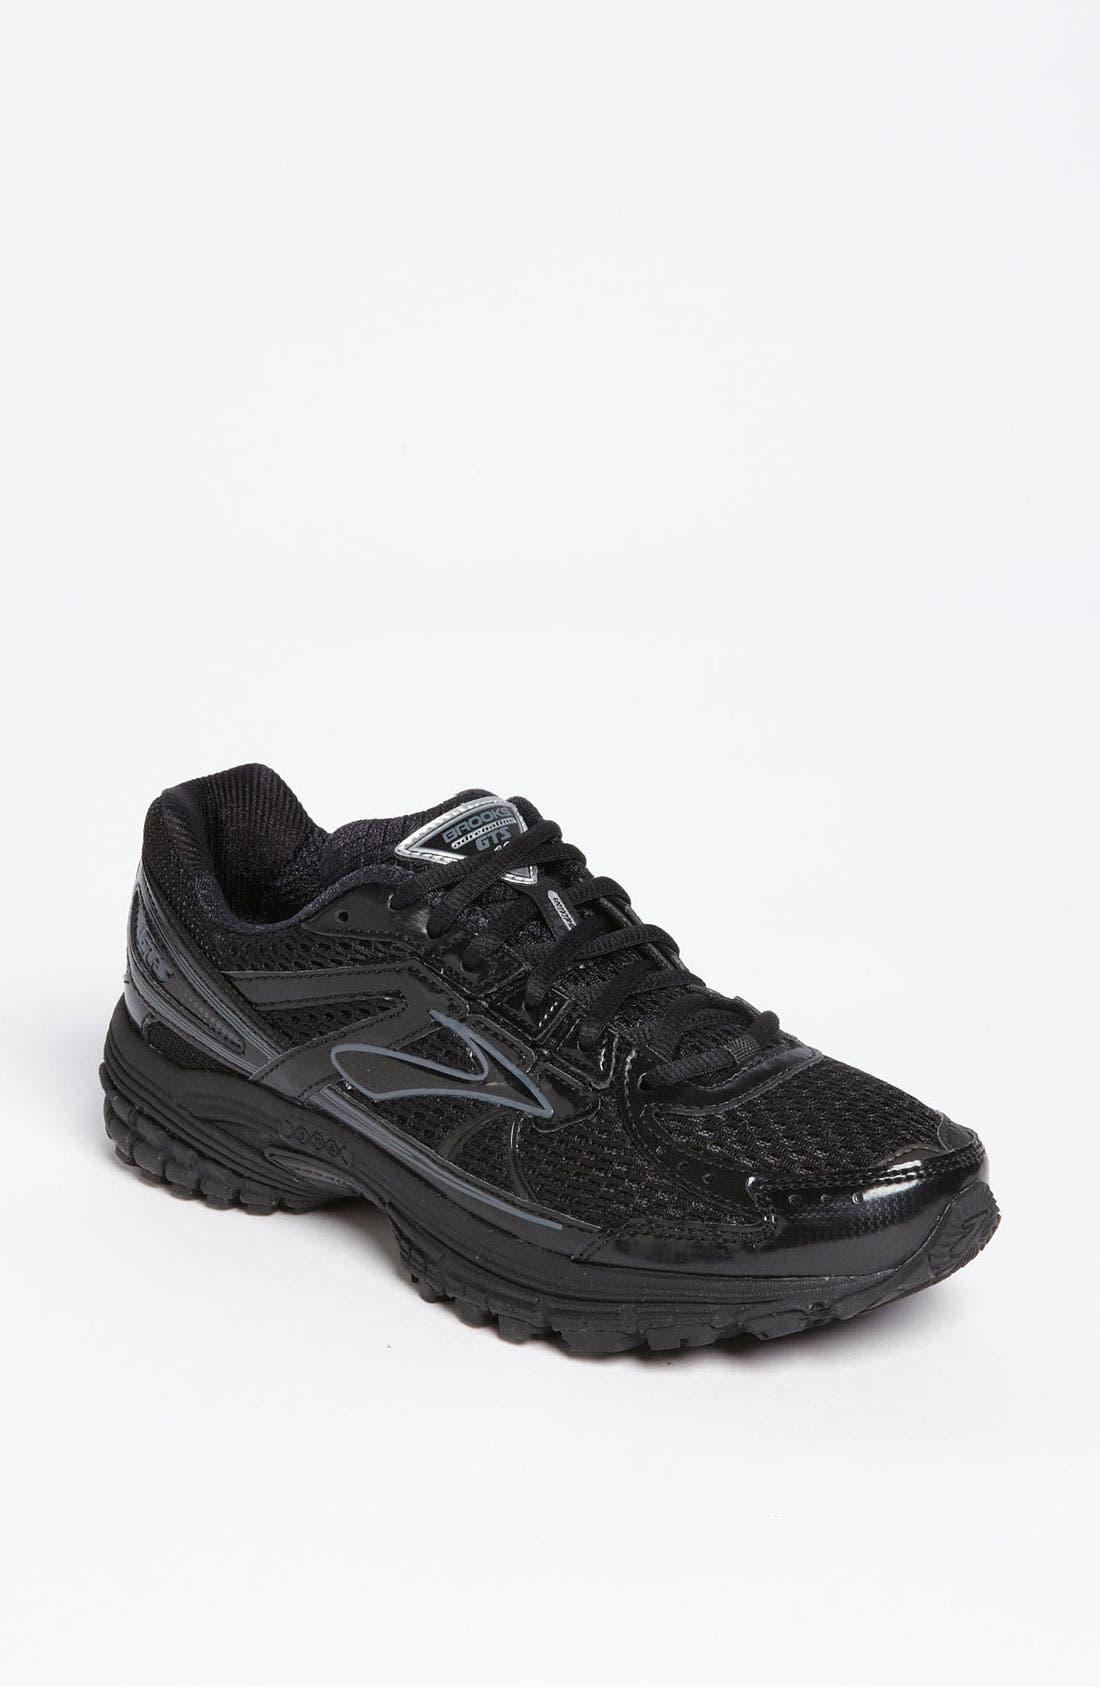 Alternate Image 1 Selected - Brooks 'Adrenaline GTS 13' Running Shoe (Women)(Regular Retail Price: $109.95)